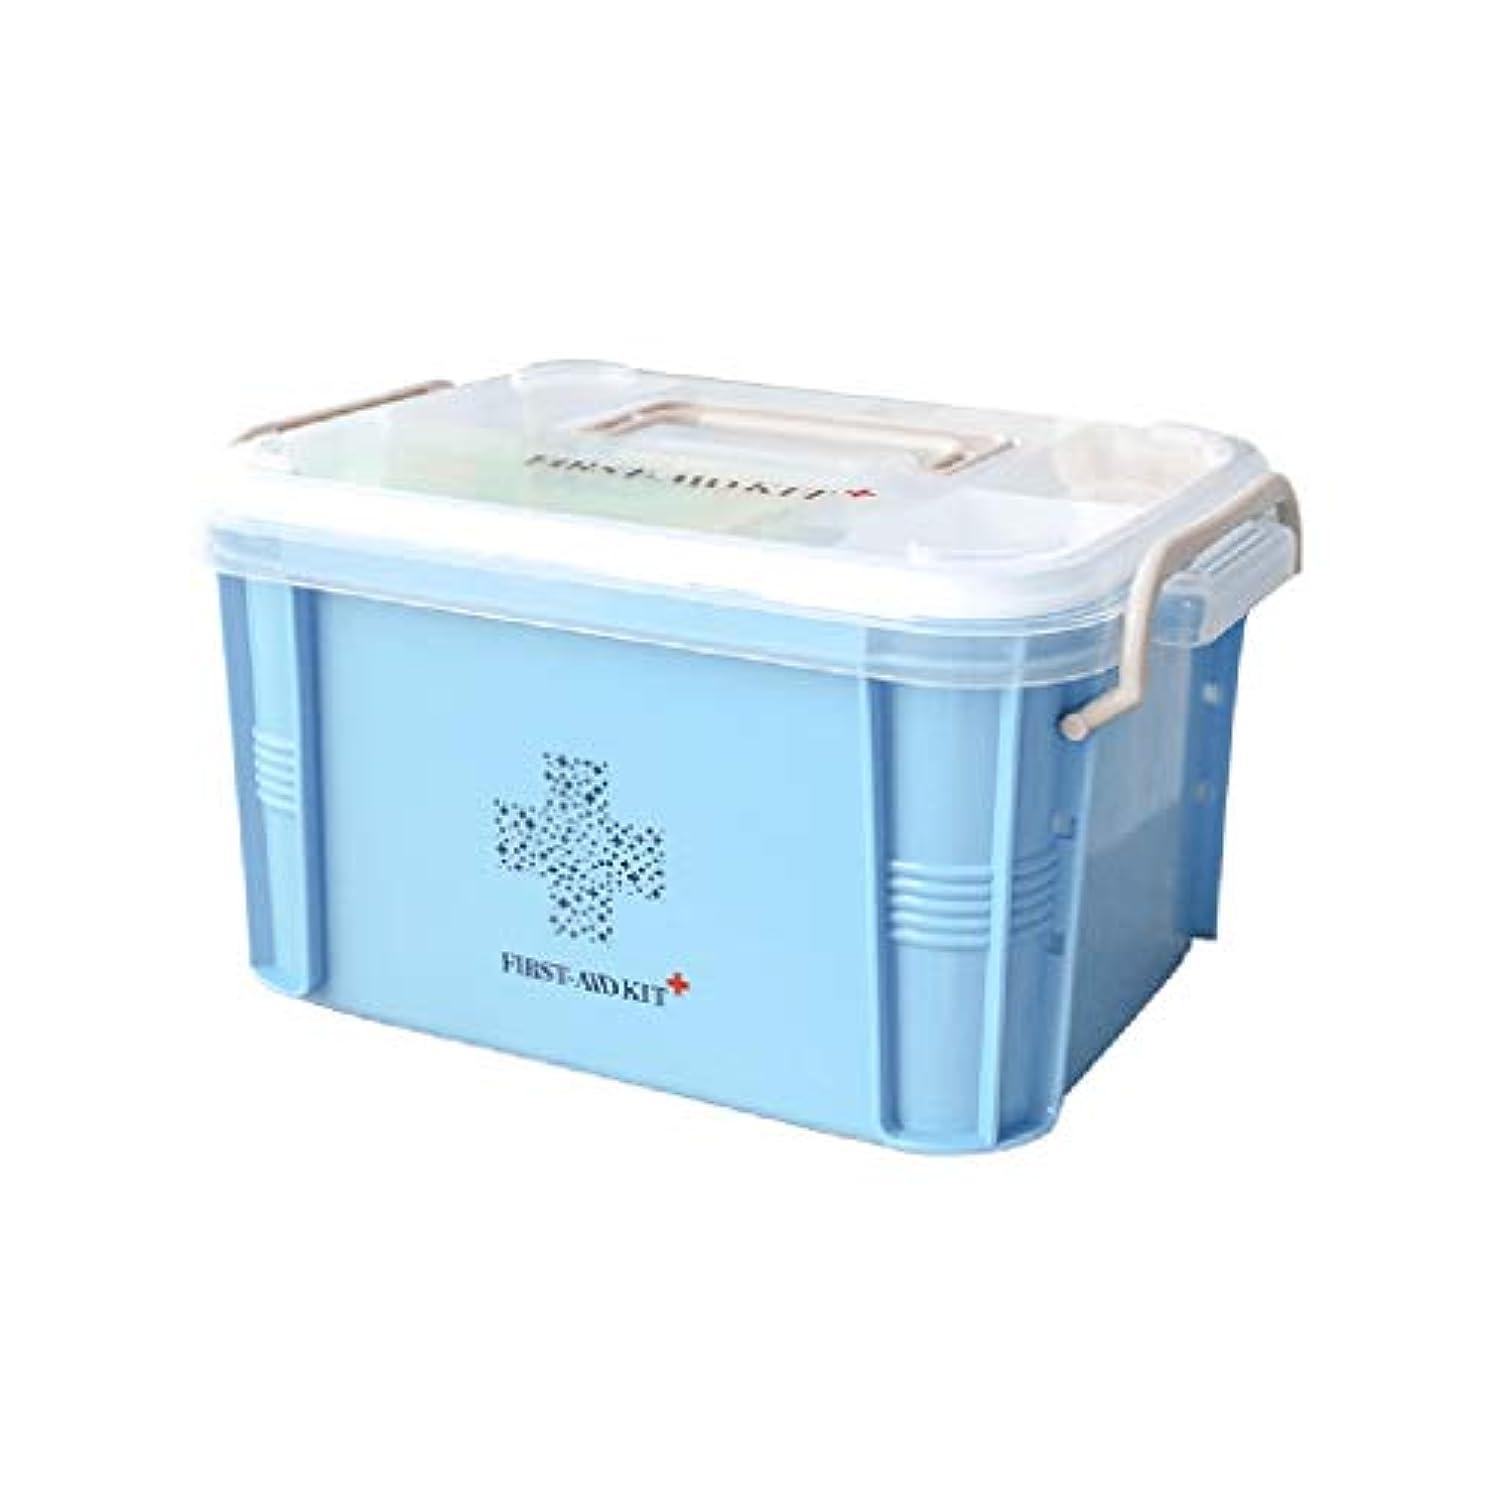 討論アーティスト霊LWBUKK プラスチック製の薬箱、大容量の家庭用薬保管箱、多層家庭用救急箱 医療箱 (Color : Blue, Size : 33.5cm×20cm)